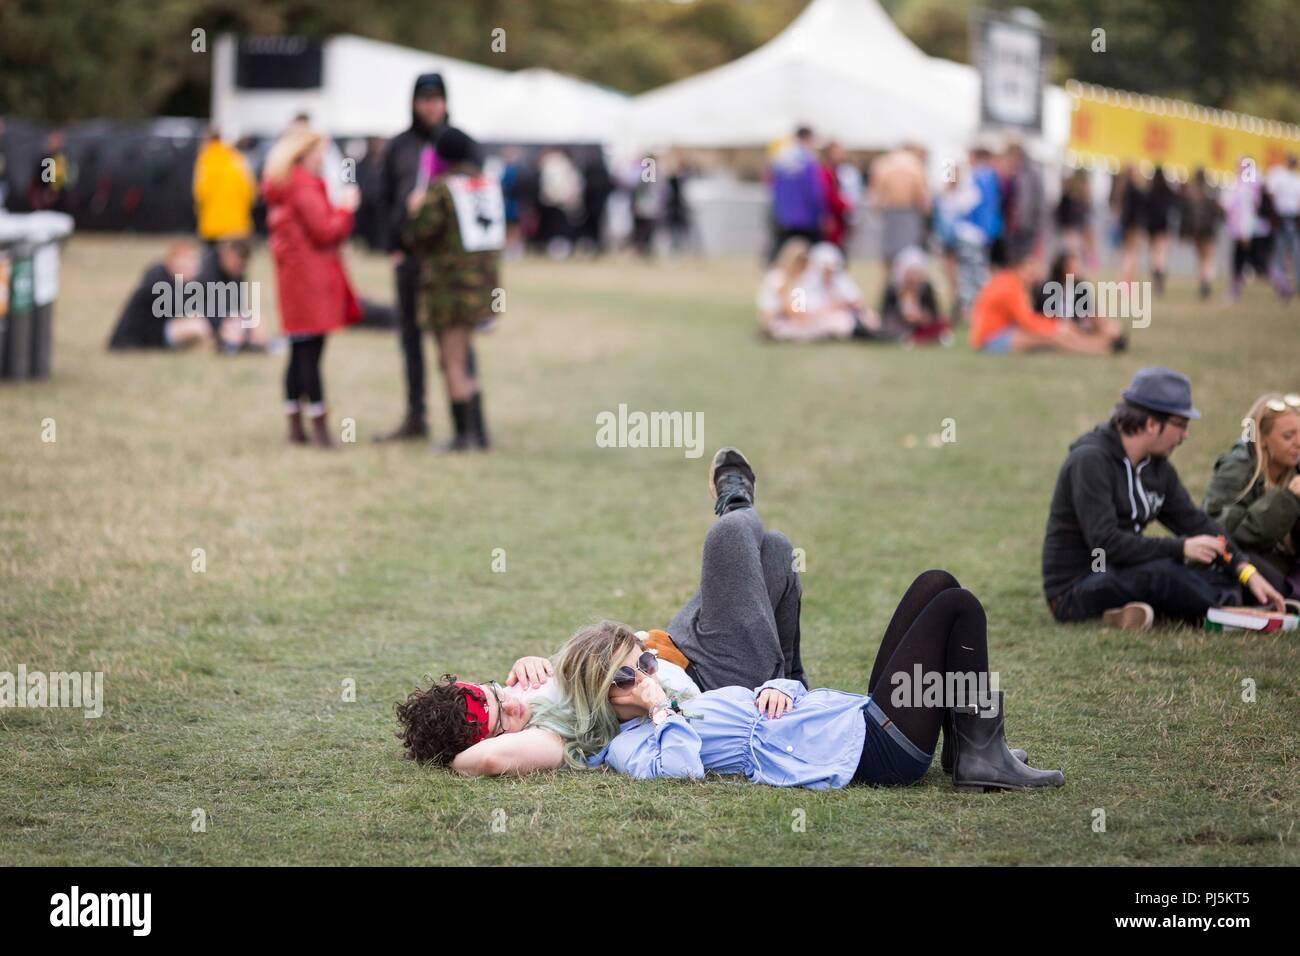 Leeds Festival 2018 - Viernes. Foto de stock